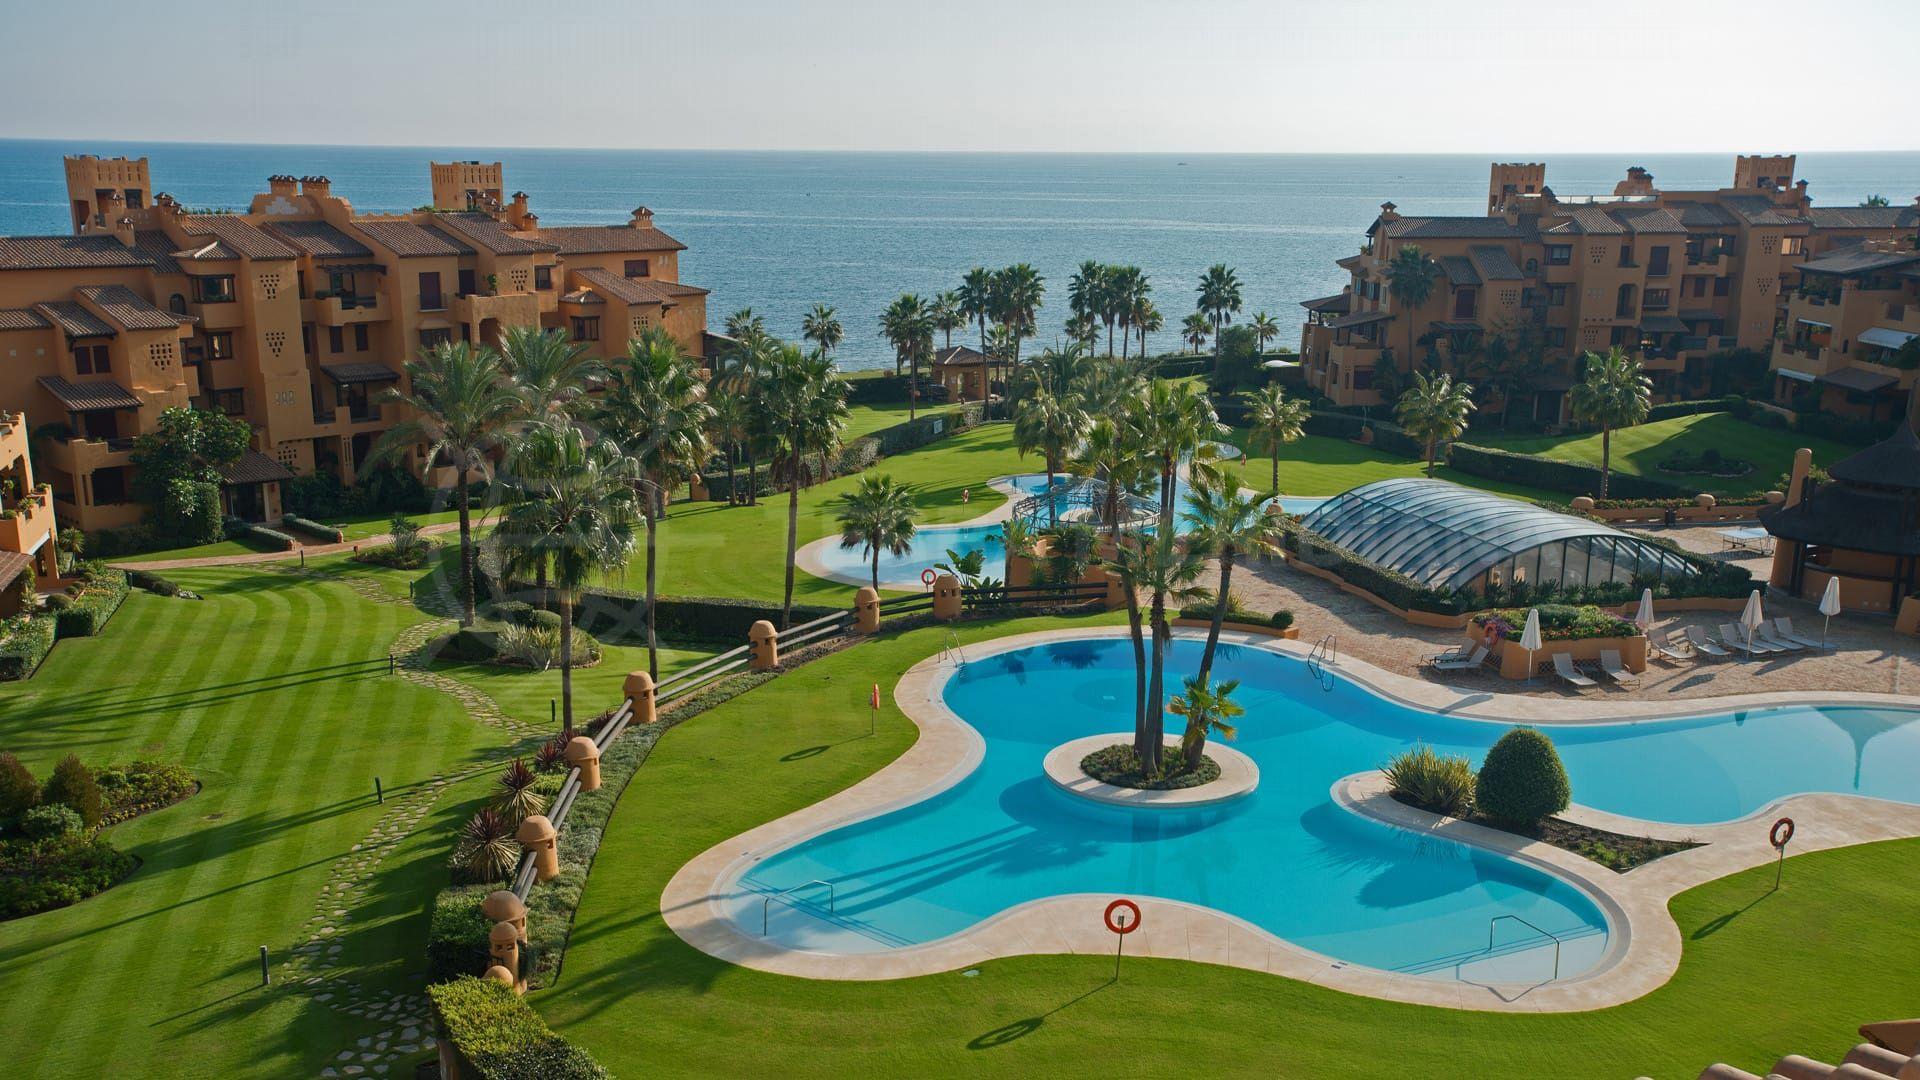 Una selección de apartamentos de primera clase en venta en los Granados del Mar, Estepona